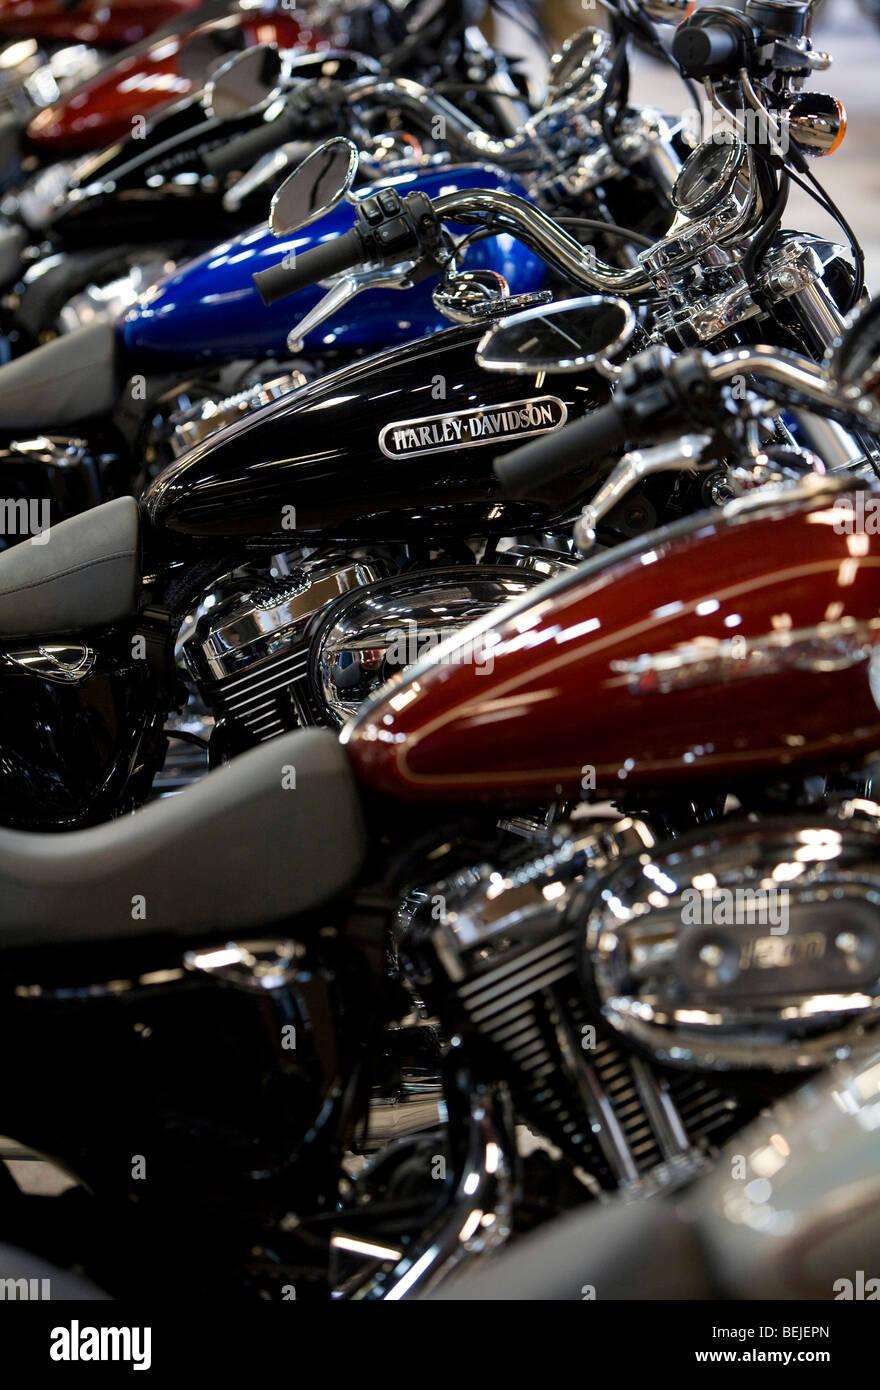 Harley-Davidson Motorcycles on display at a suburban Maryland dealership.  - Stock Image